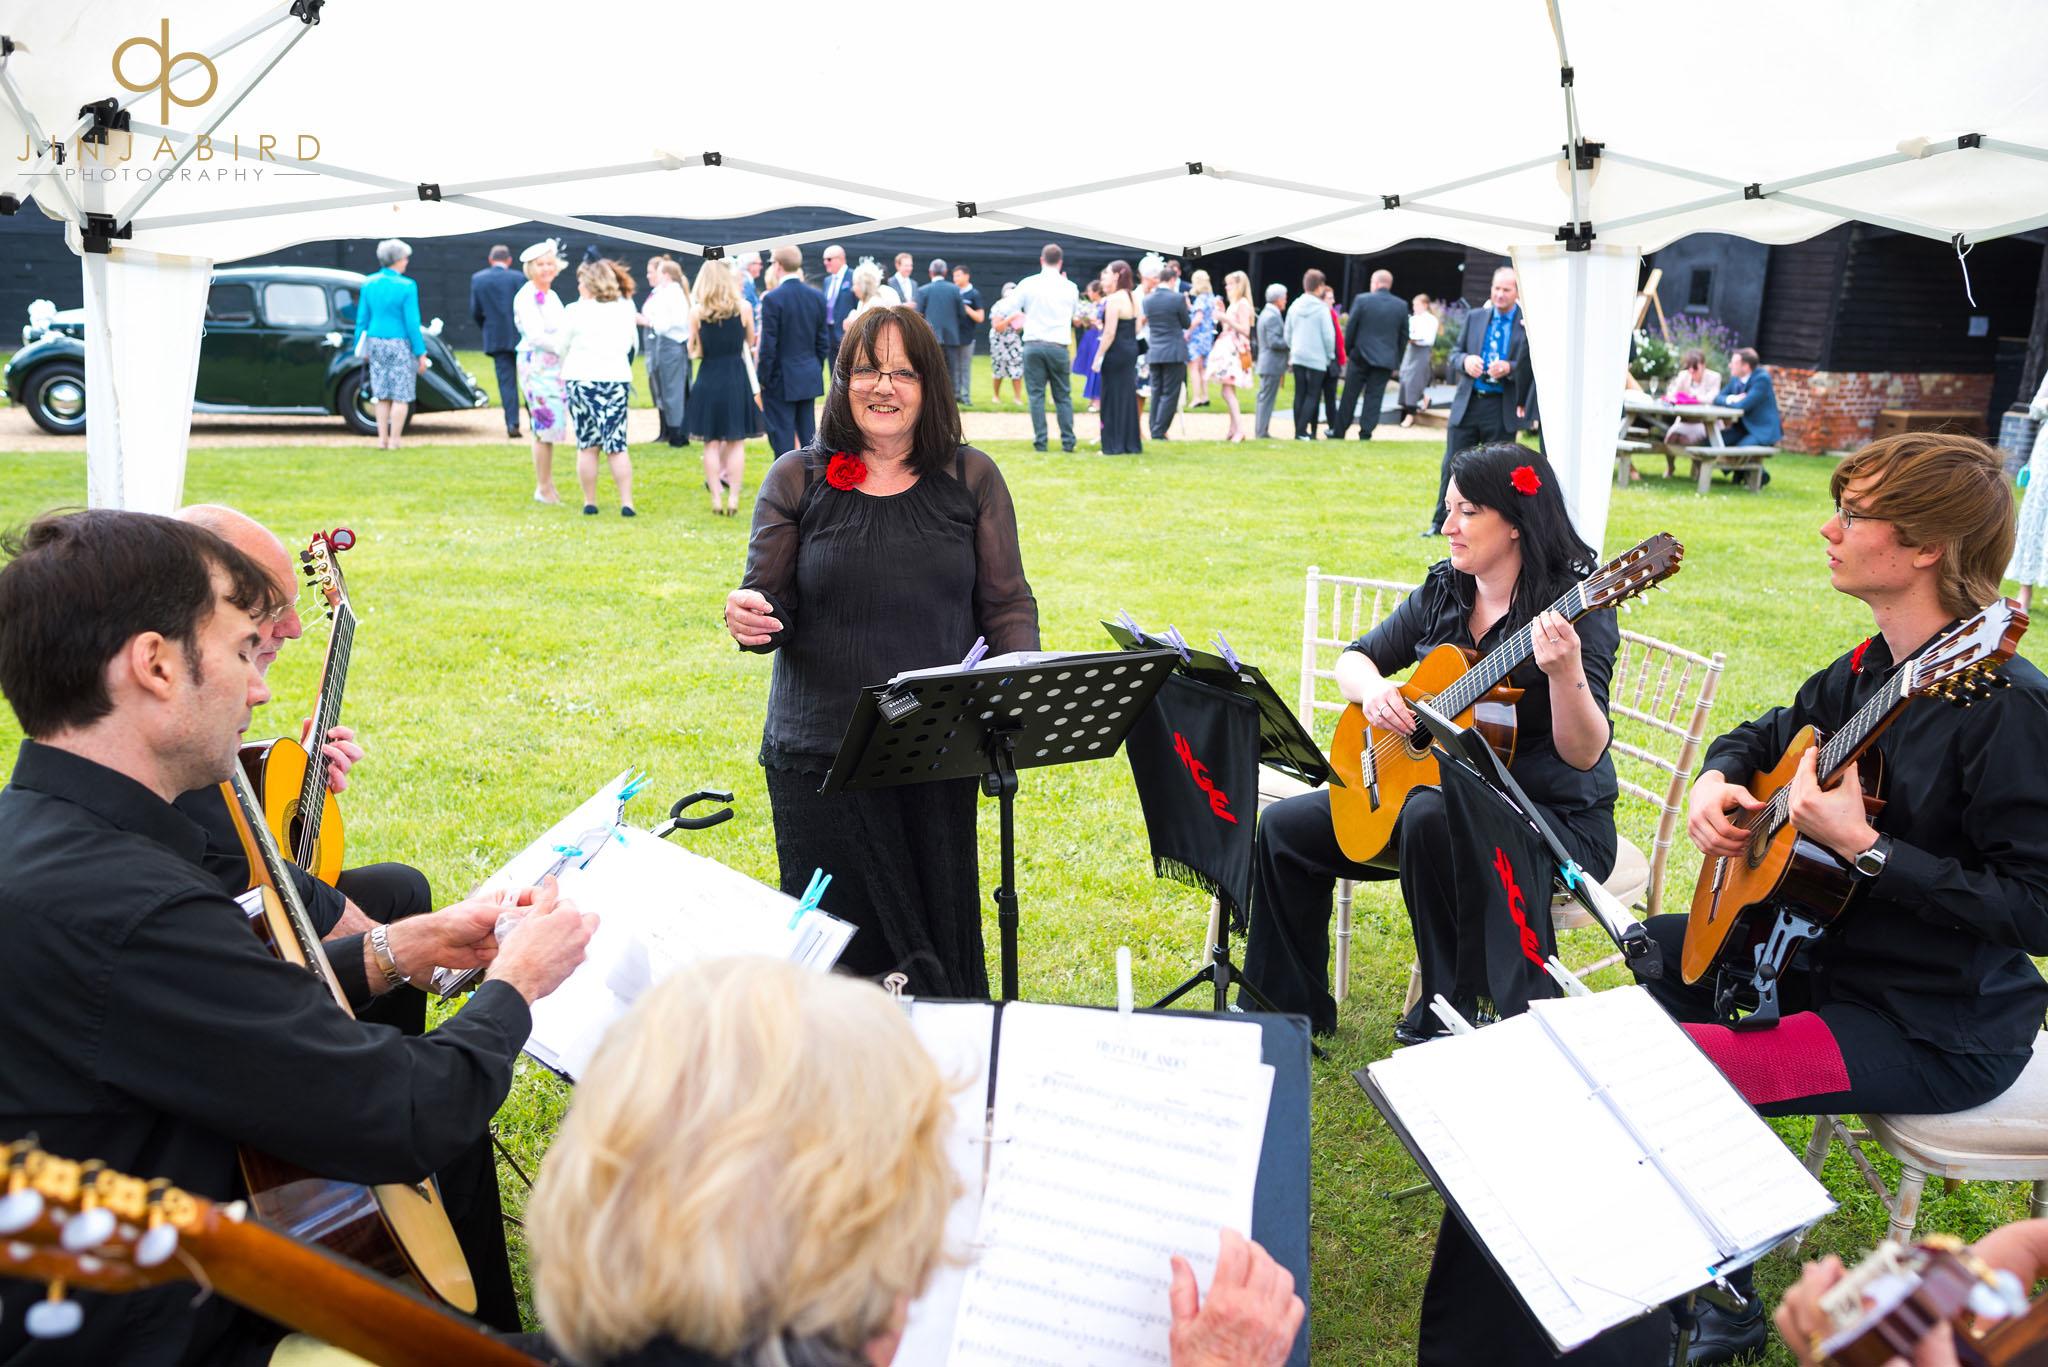 wedding quartet childerley hall